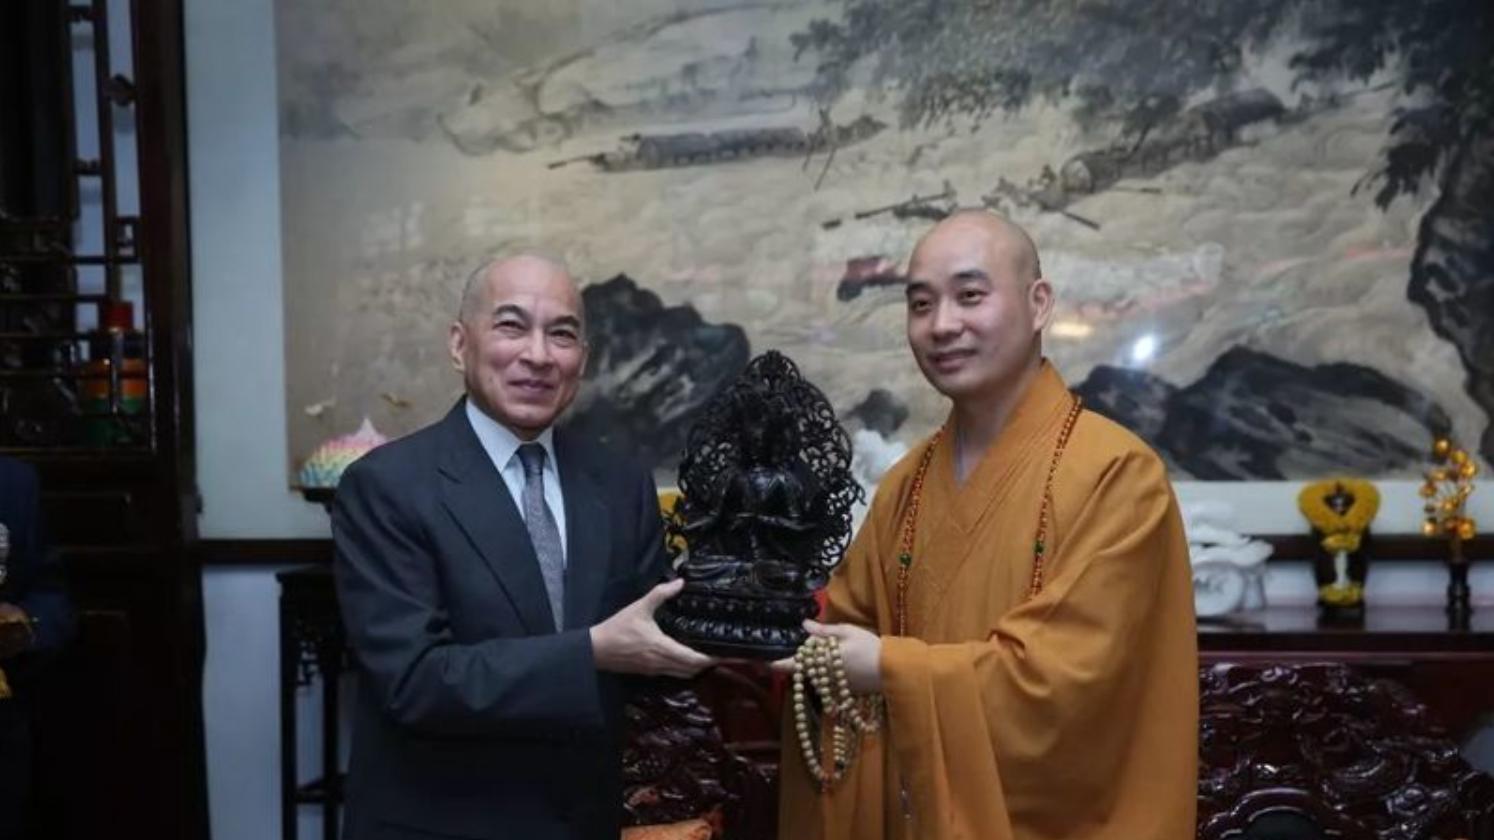 柬埔寨国王 西哈莫尼 向成都文殊院赠送佛像